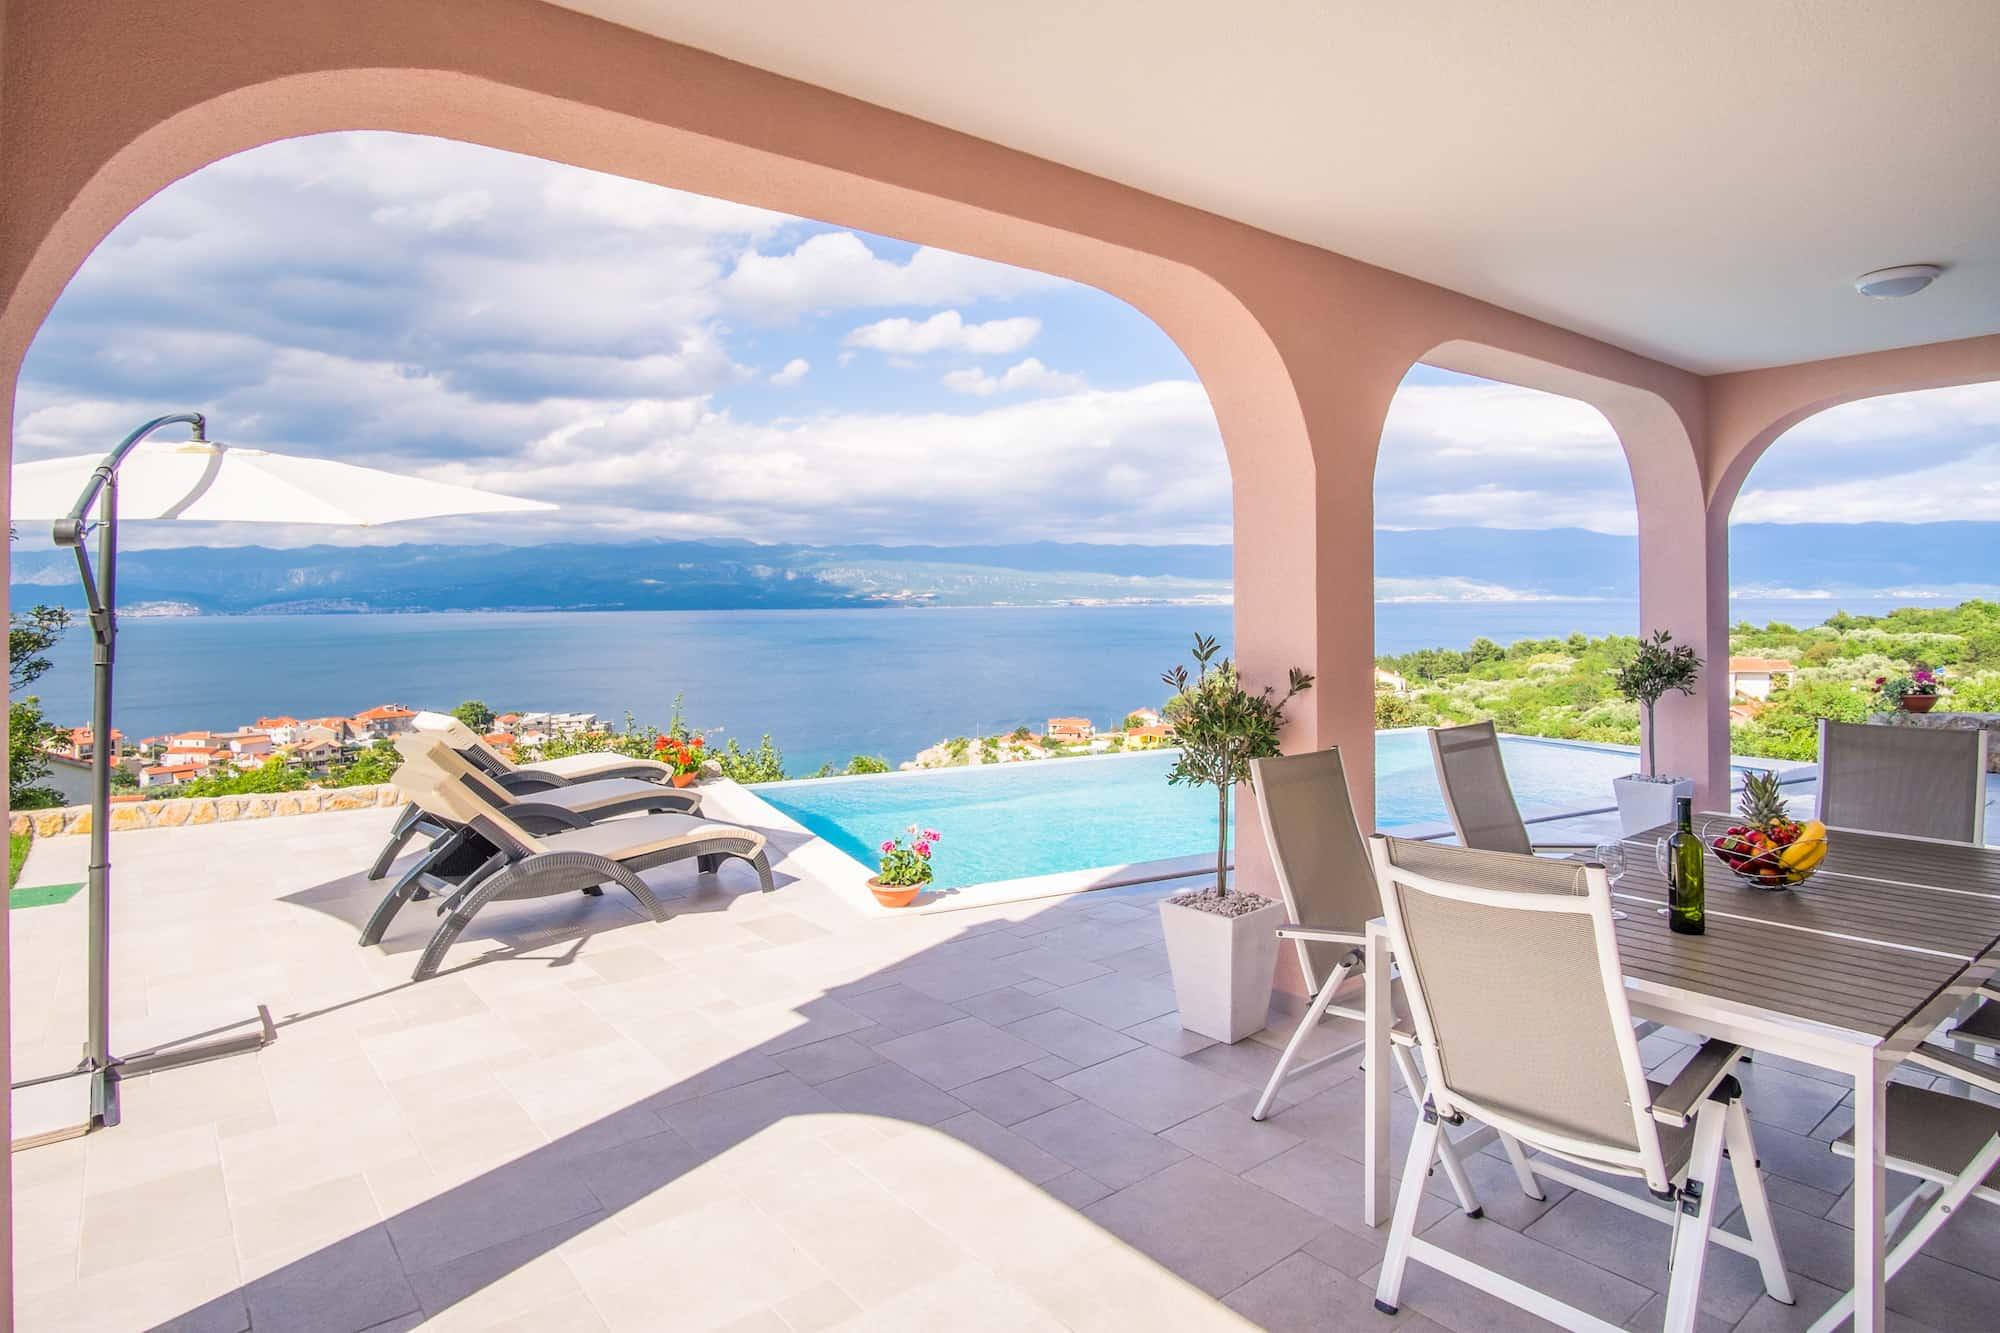 Wohnung mit Pool, tolle Meerblick, 500 Meter vom Strand